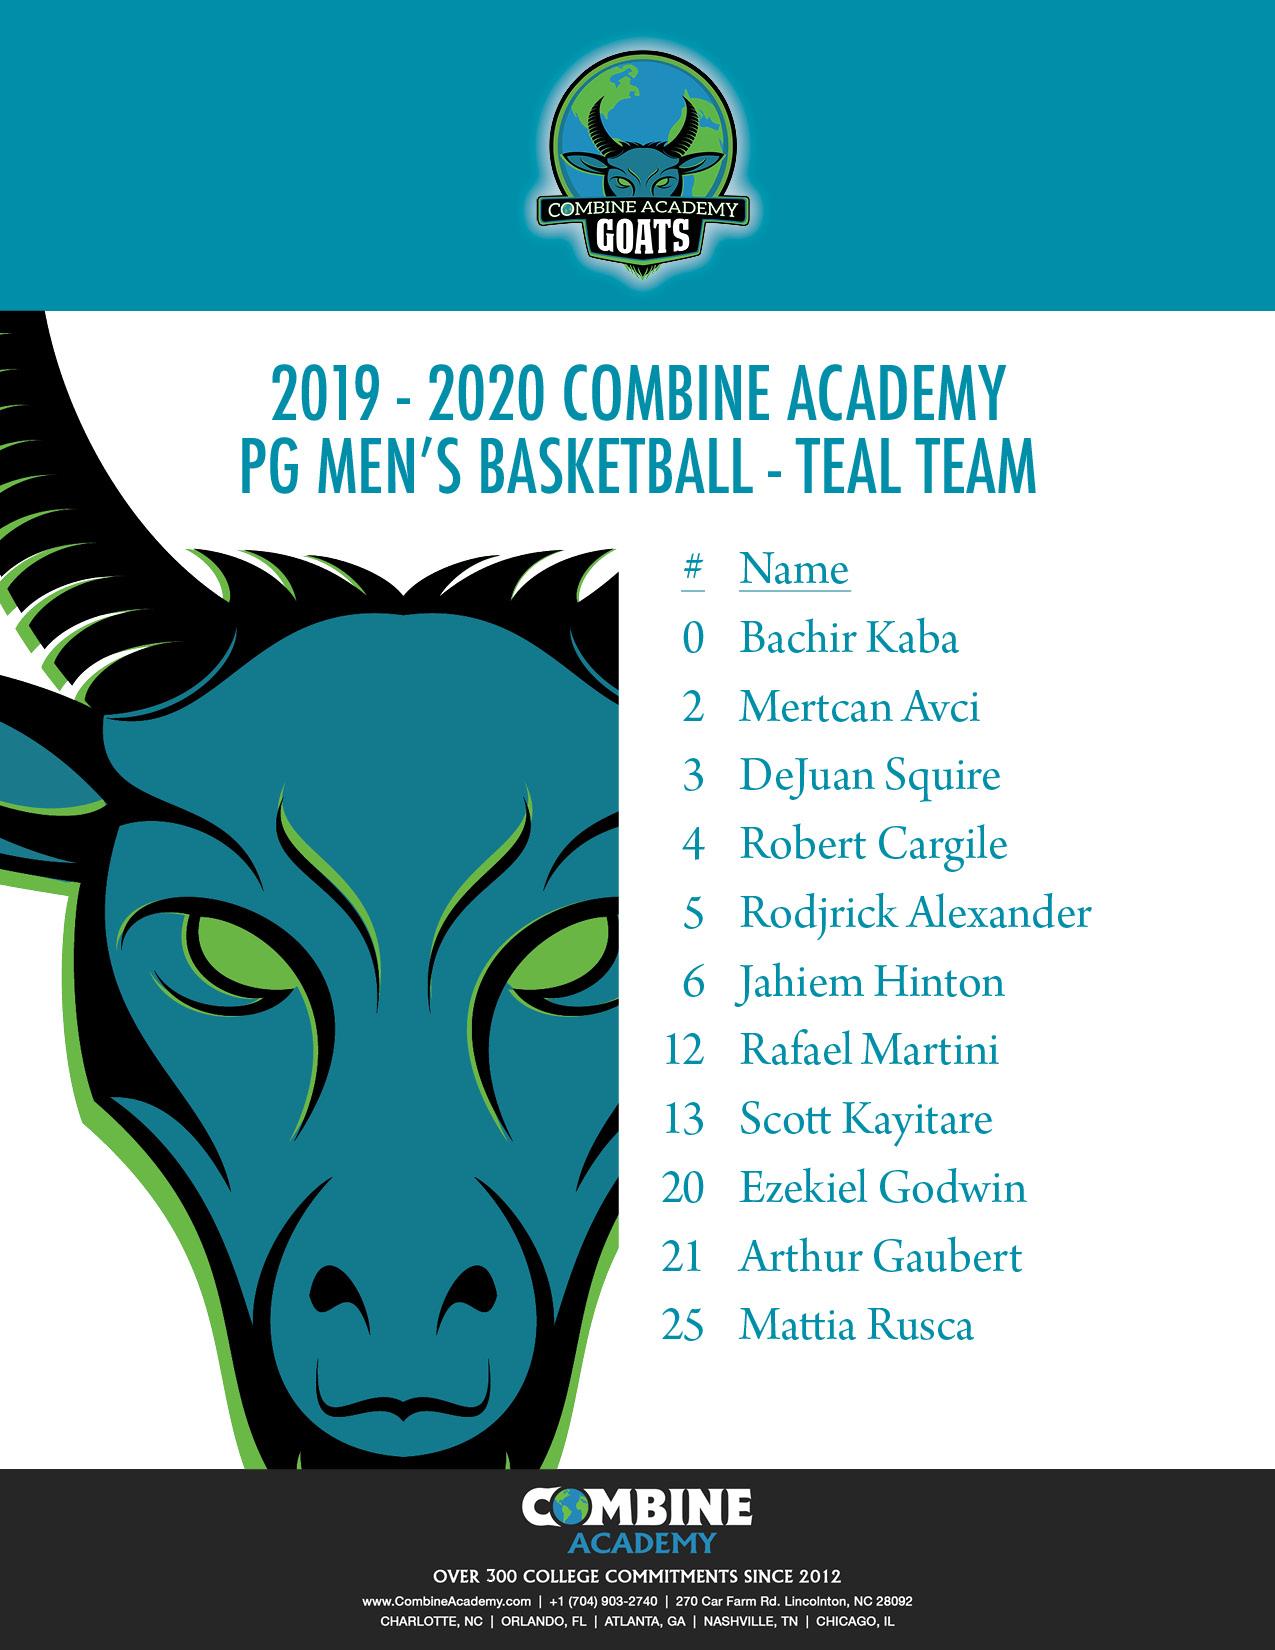 2019-2020 PG Teal Team Roster